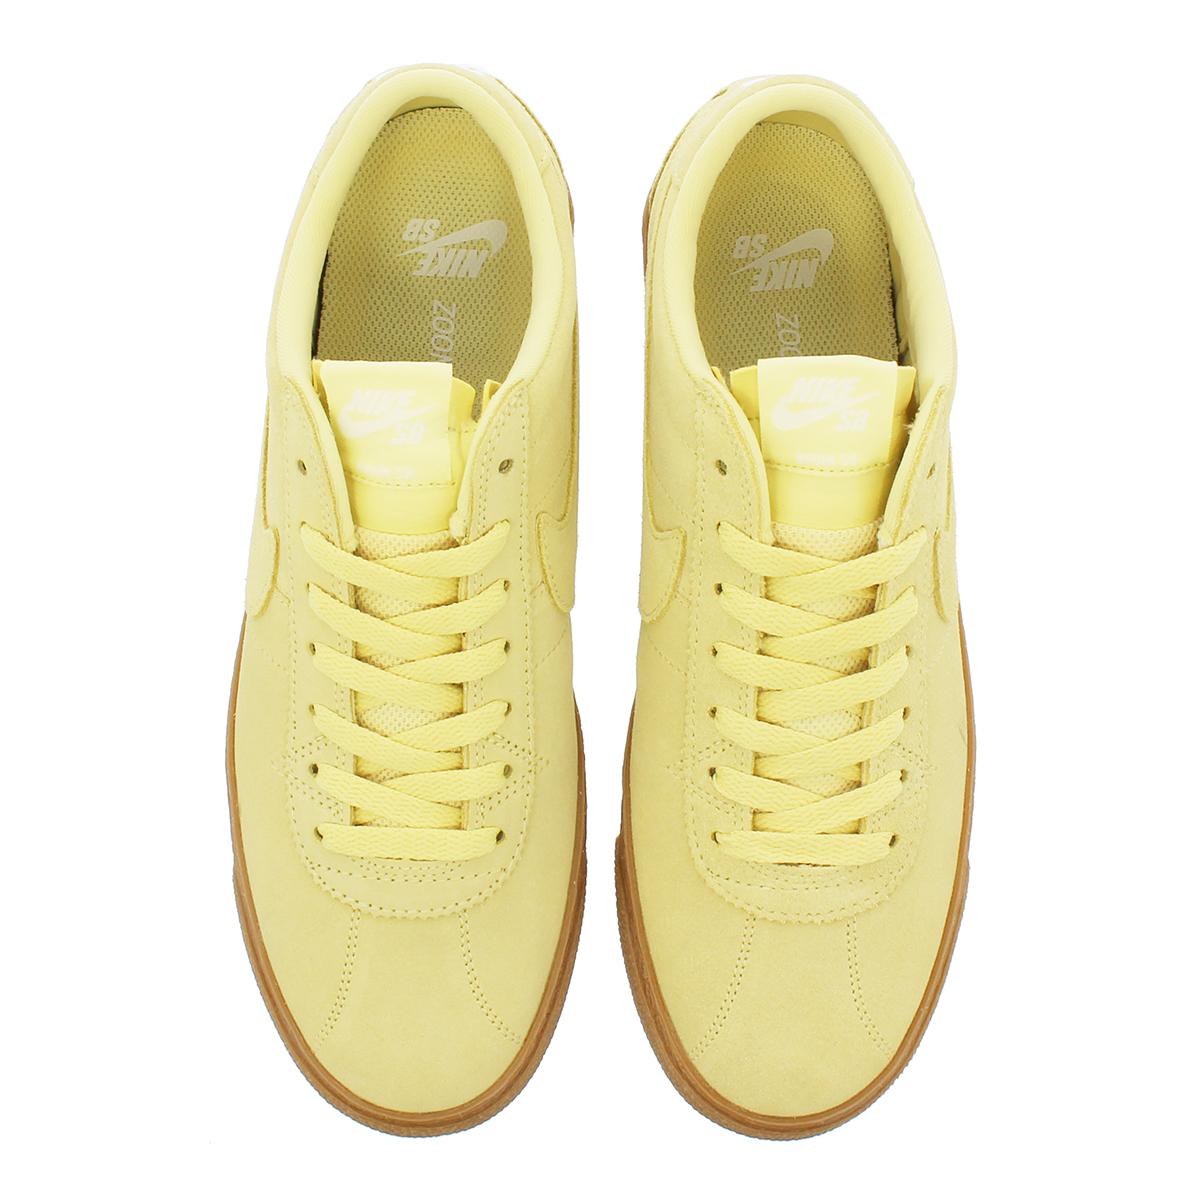 release date 81048 713f0 NIKE SB ZOOM BRUIN PRM SE Nike SB zoom bulldog in premium SE LEMON WASH  WHITE 877,045-700